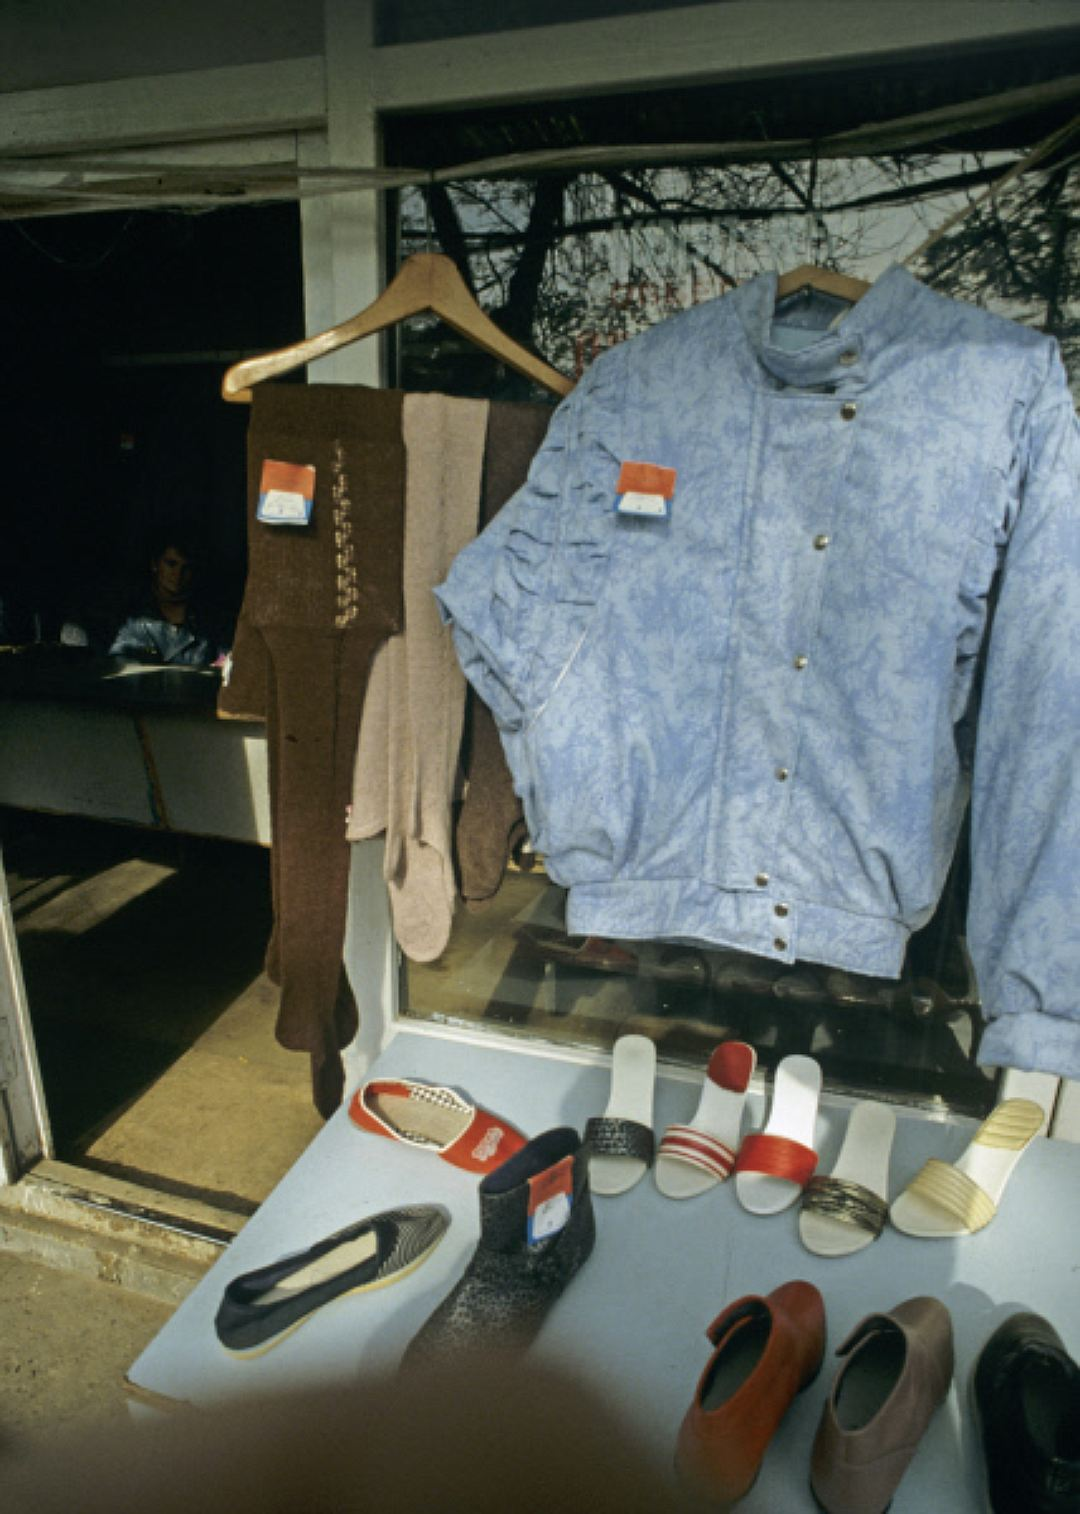 Мода на джинсы-варенки пришла в СССР еще в 80-х, а в начале 90-х достигла своего пика. Фото — 1989 г